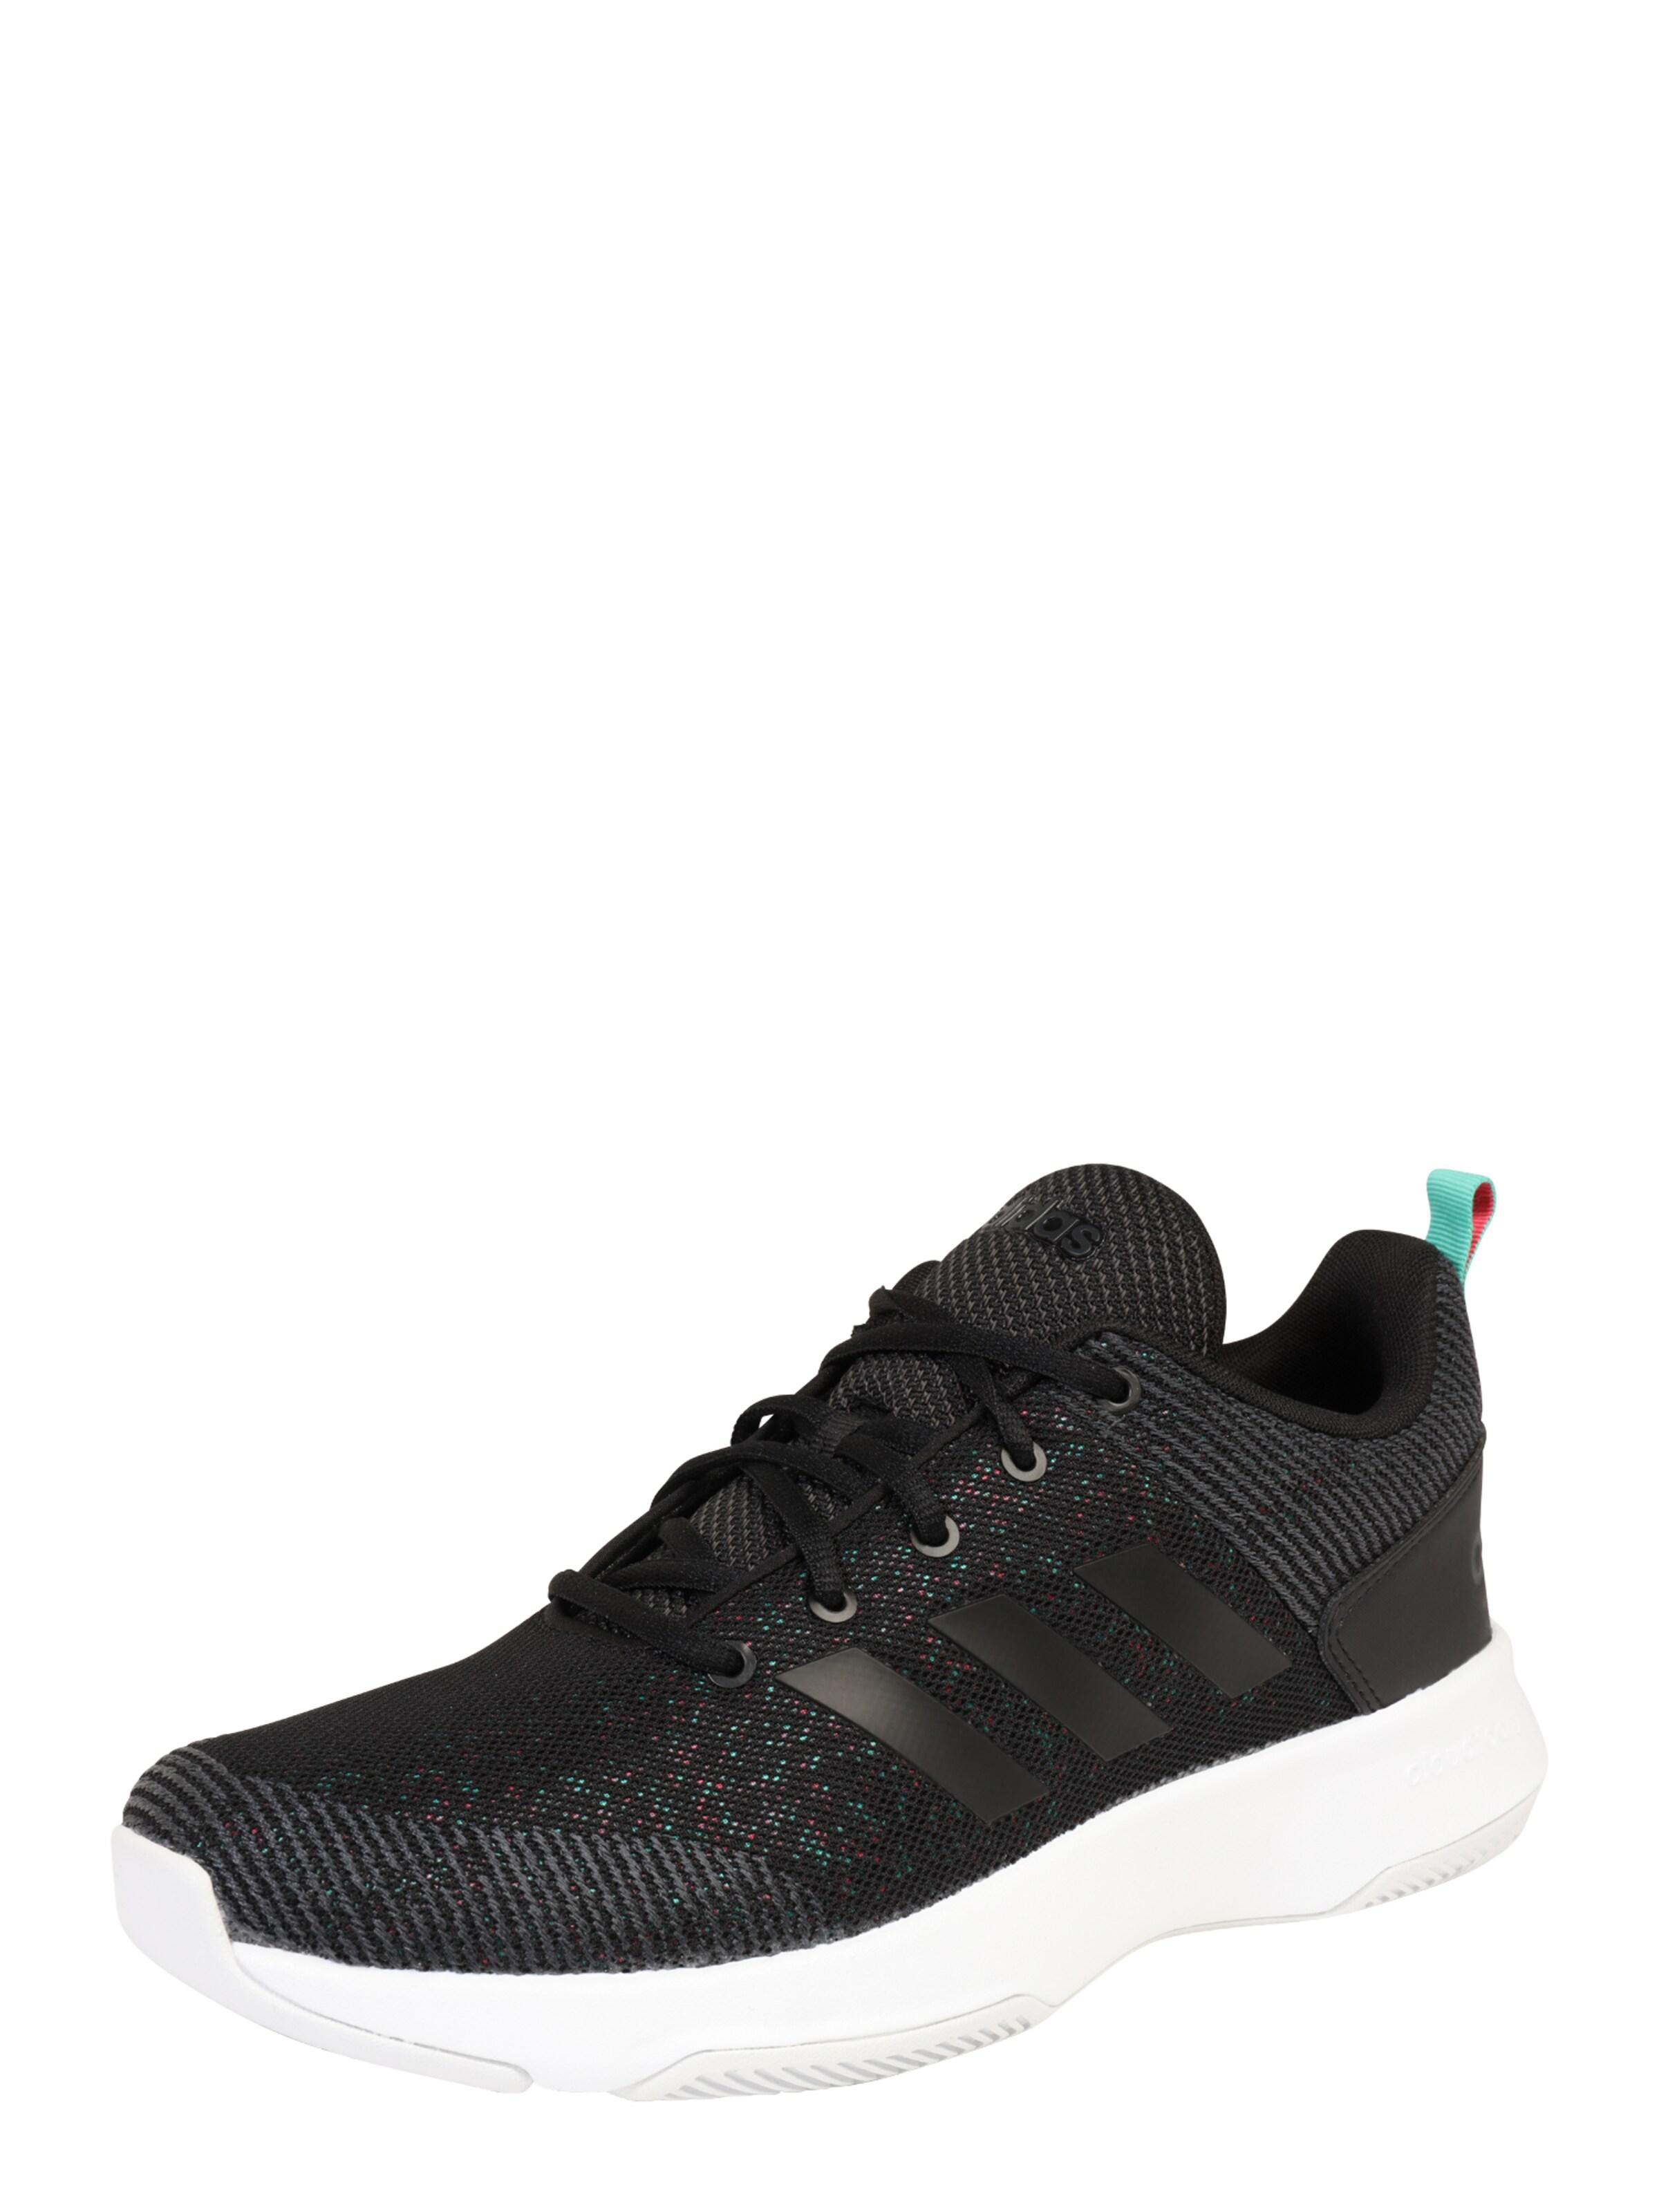 ADIDAS ORIGINALS Sneaker  EXECUTOR